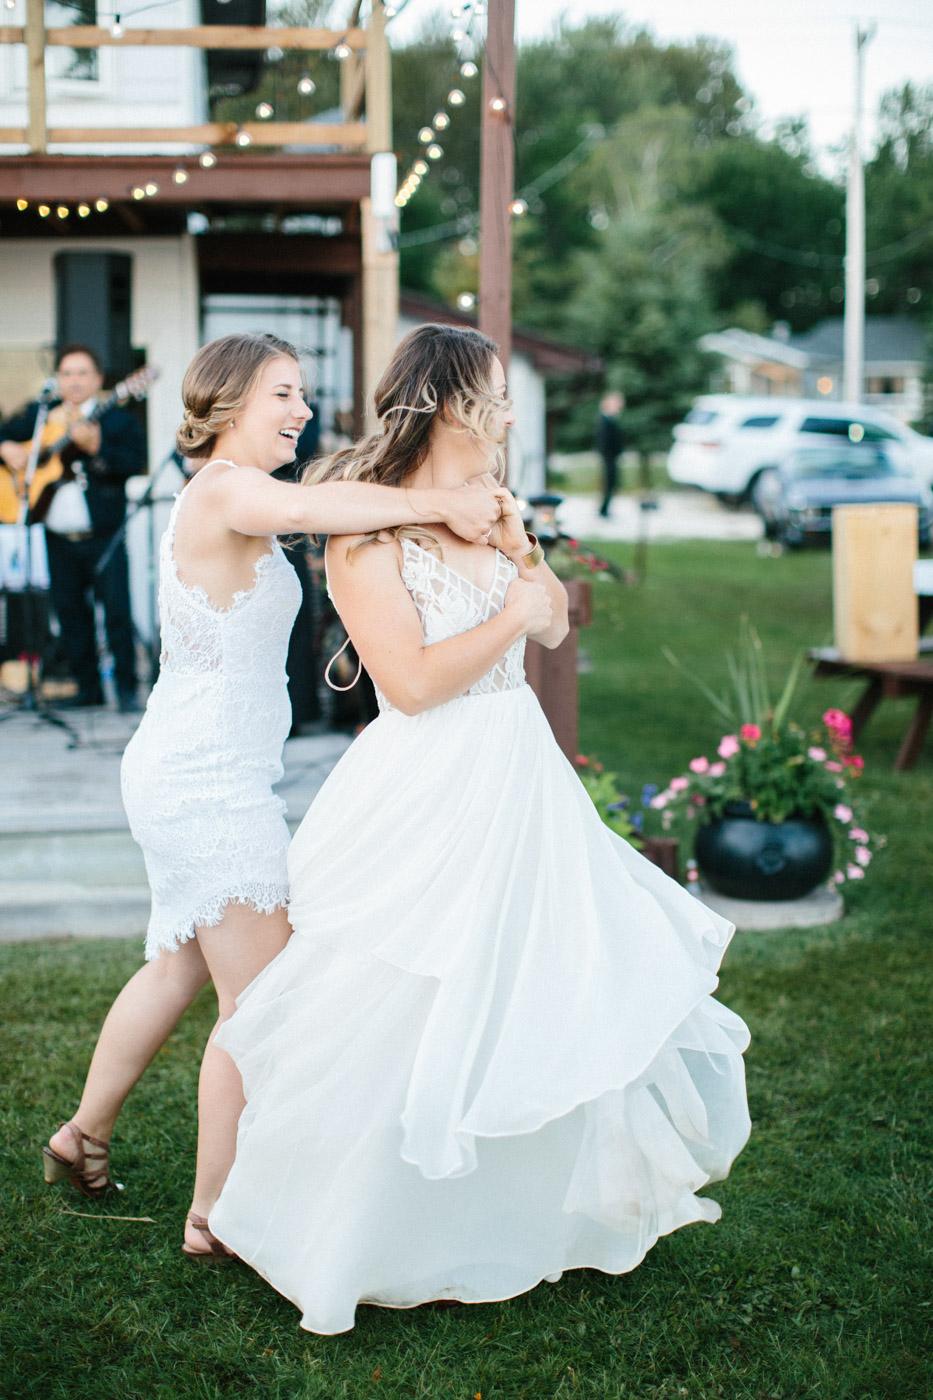 toronto_wedding_photographer_backyard_wedding-36.jpg